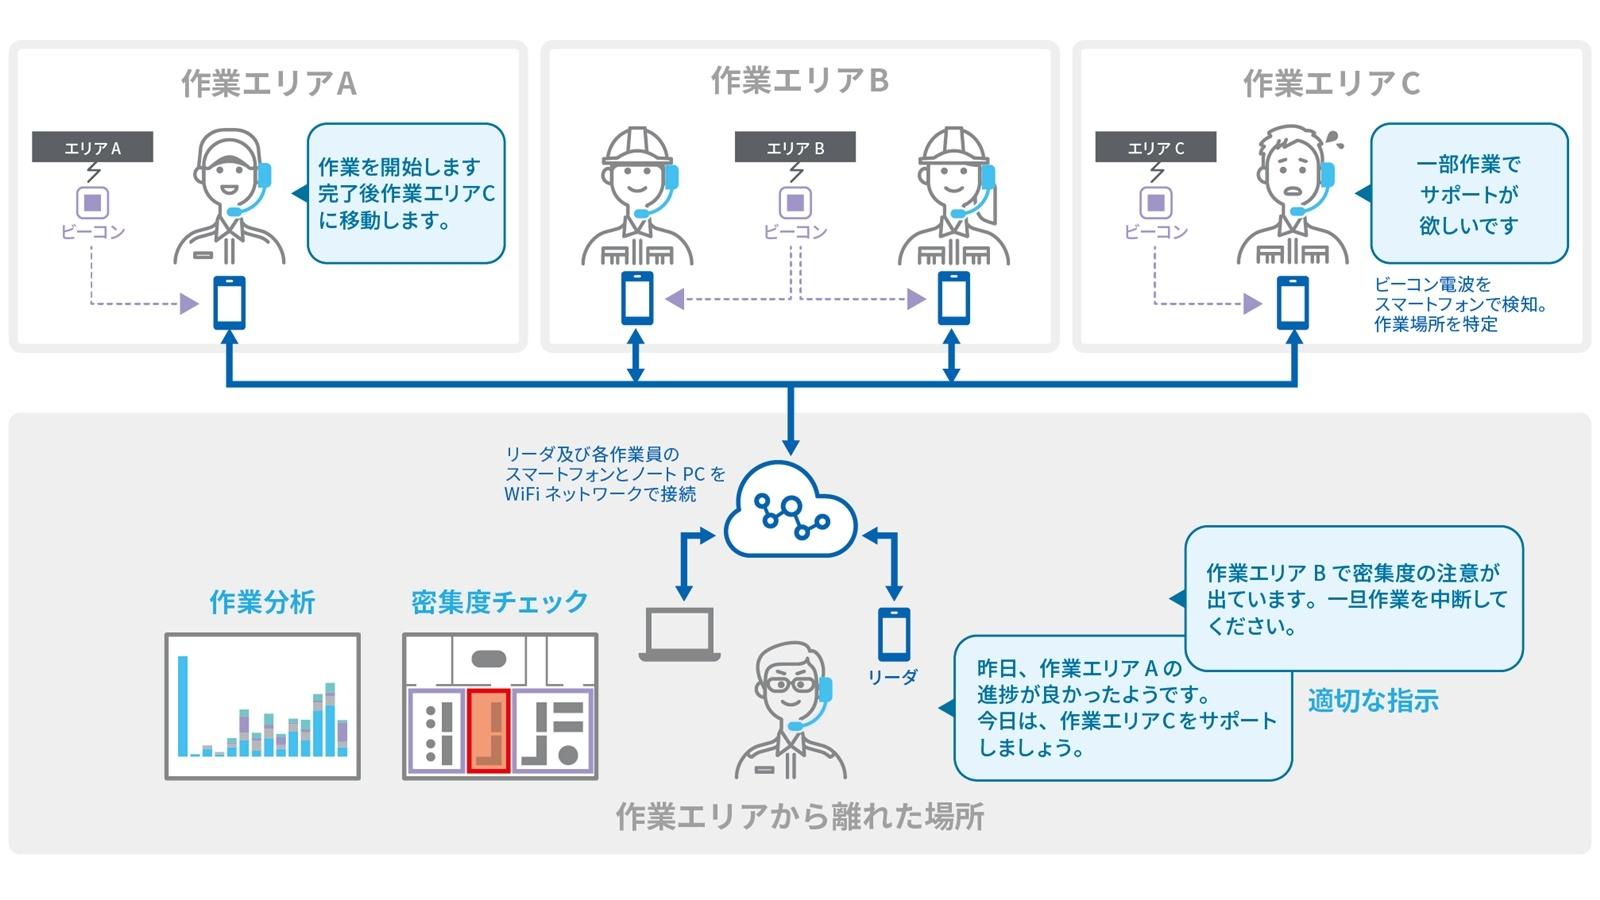 図2:「Meister Apps 現場作業見える化パッケージ」のユースケース (出所:東芝デジタルソリューションズ)